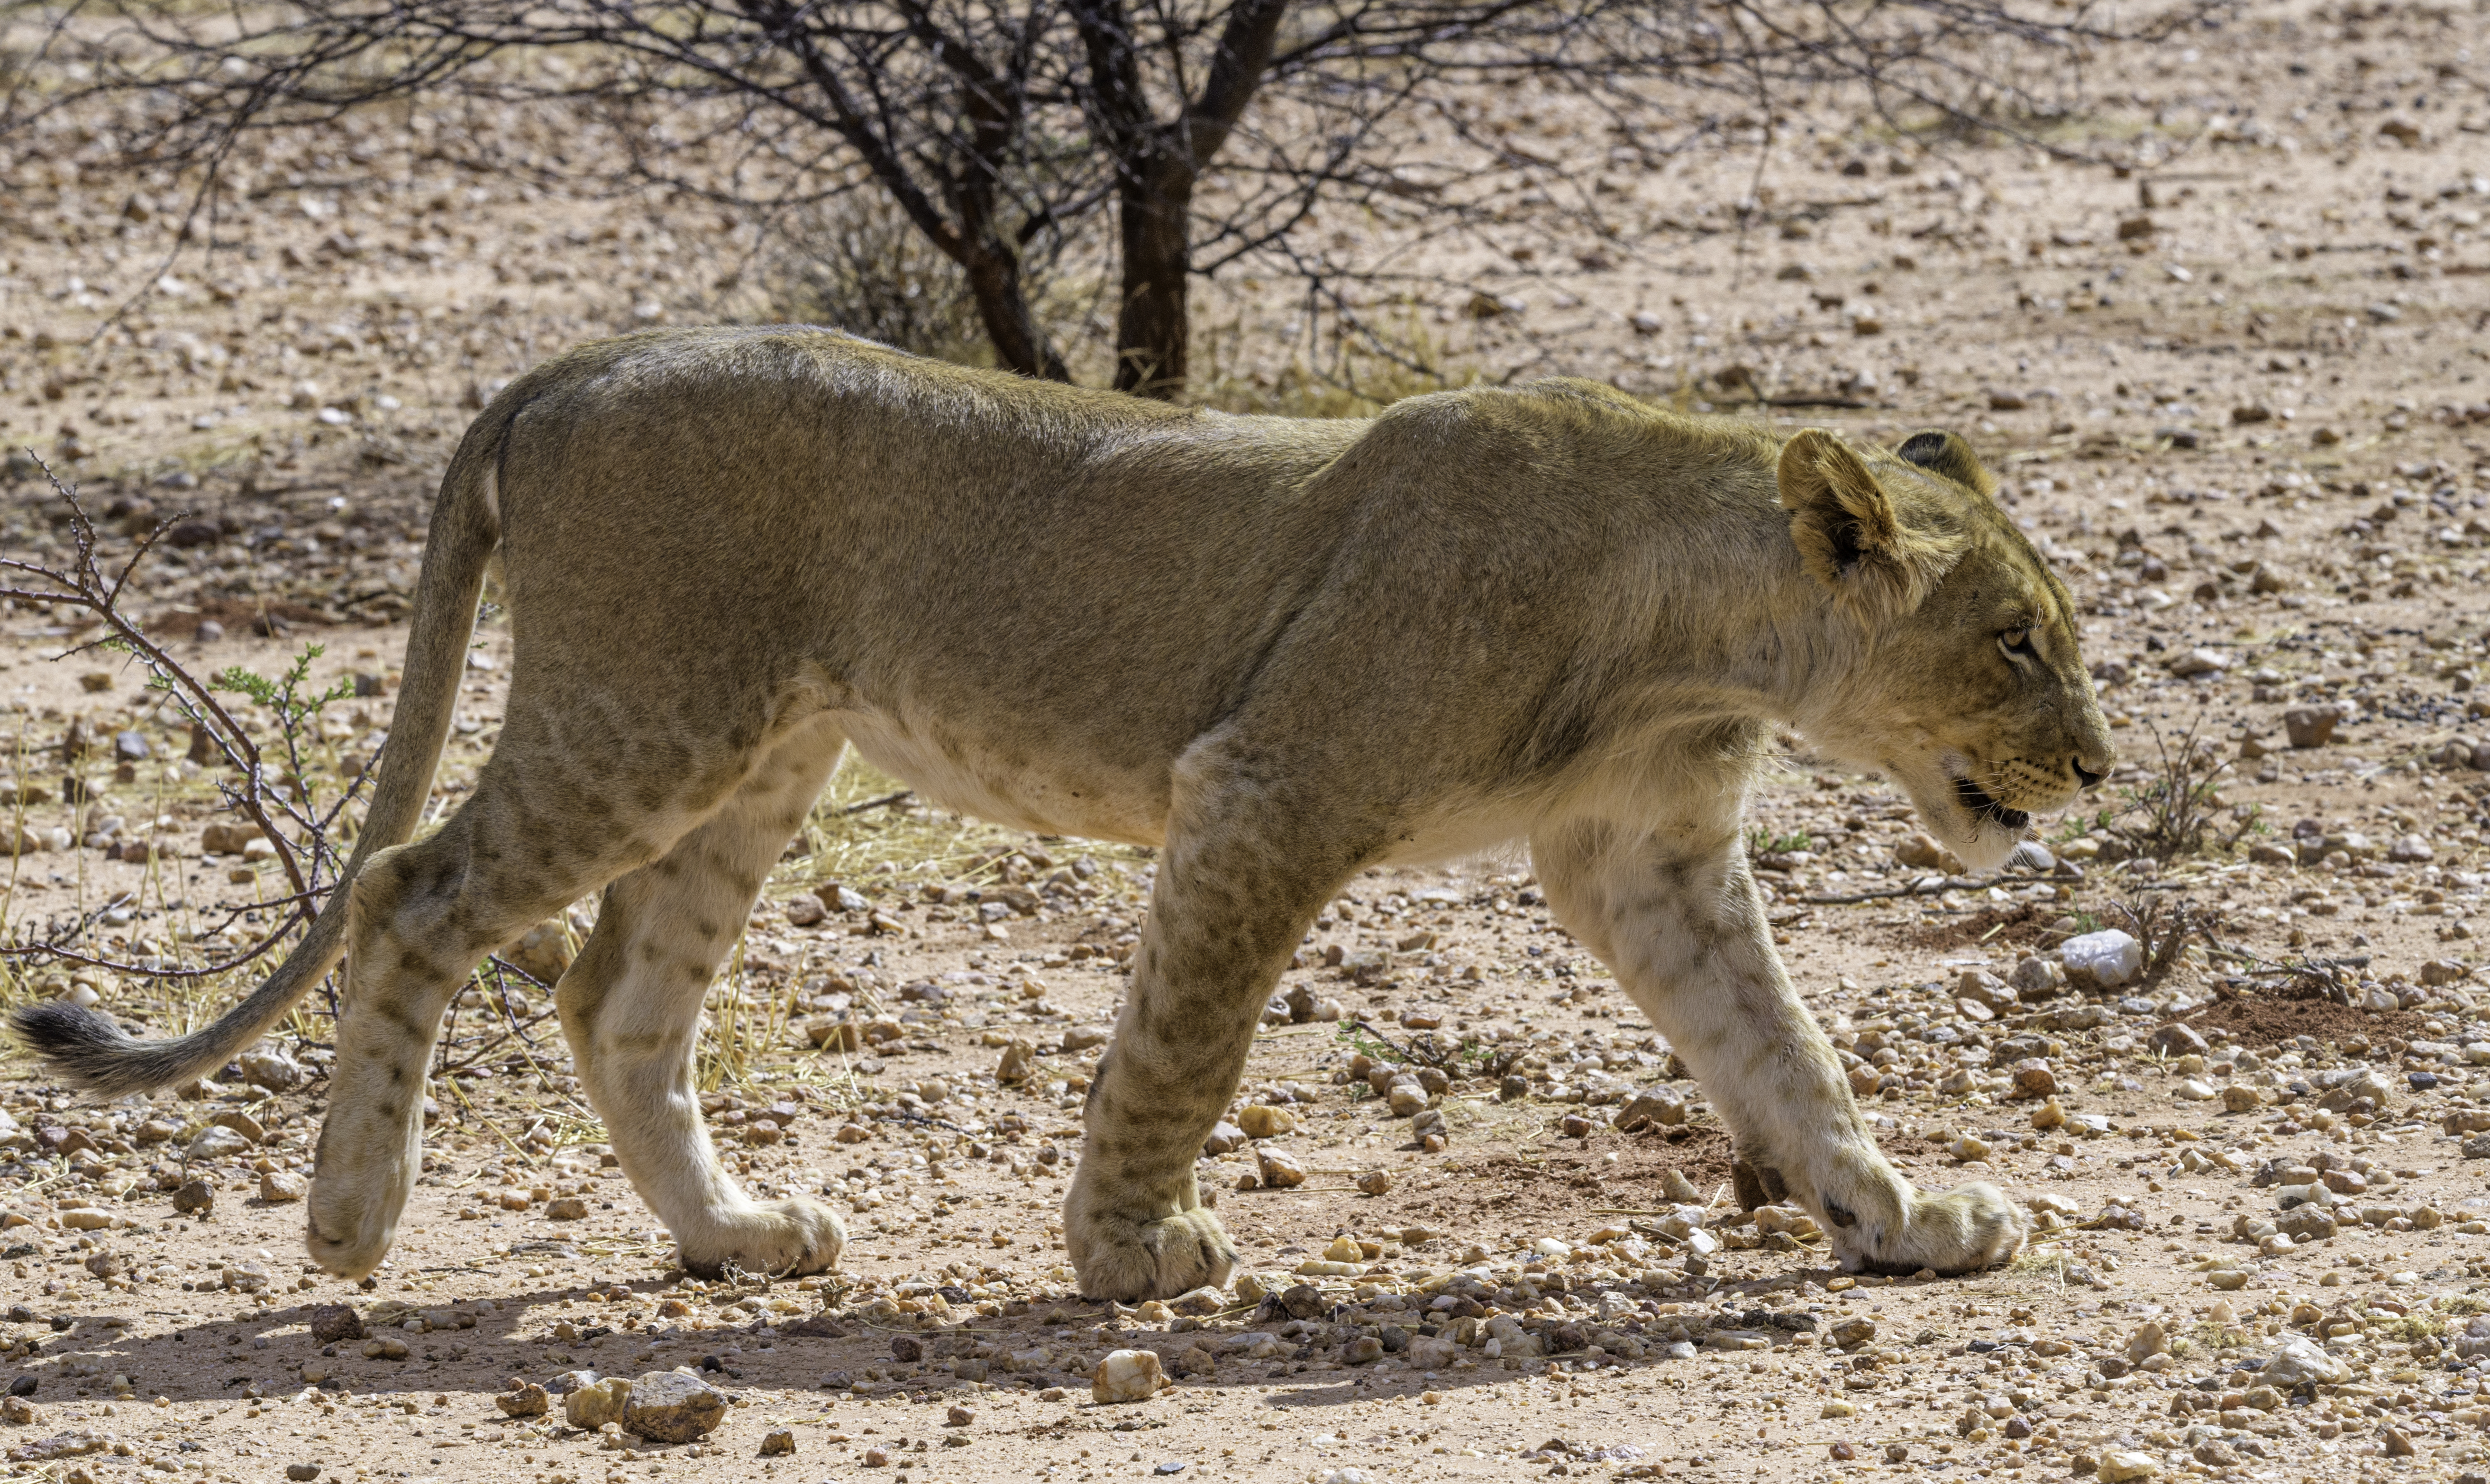 animal big fur dangerous